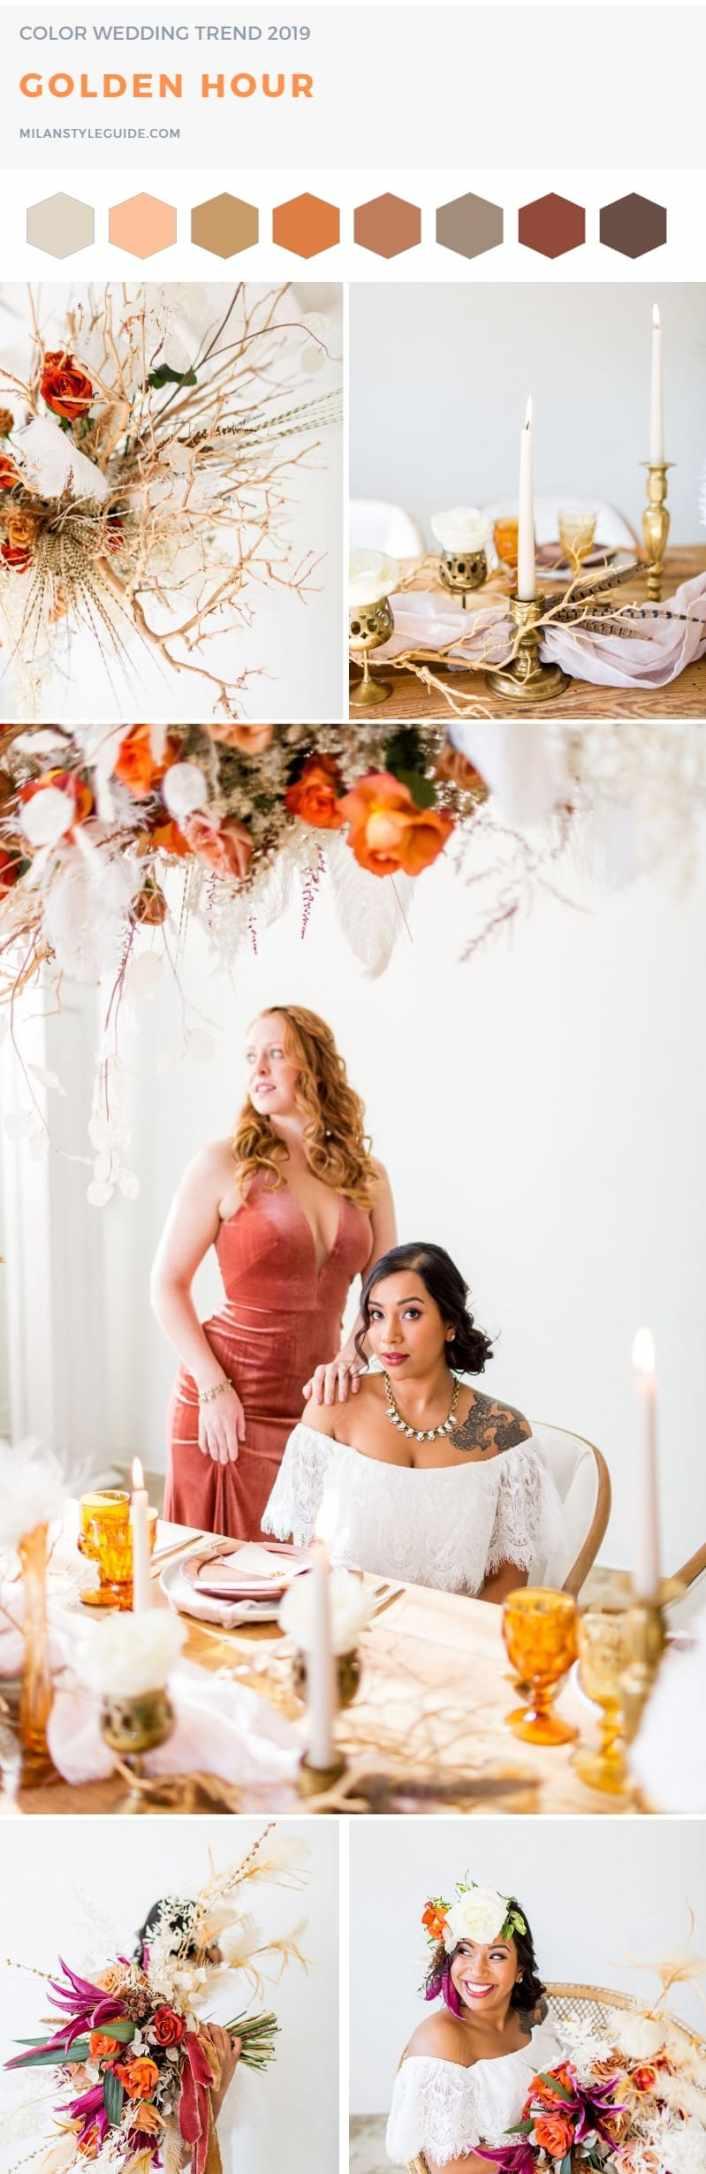 Свадебная модная палитра Пантон 2019 golden hour